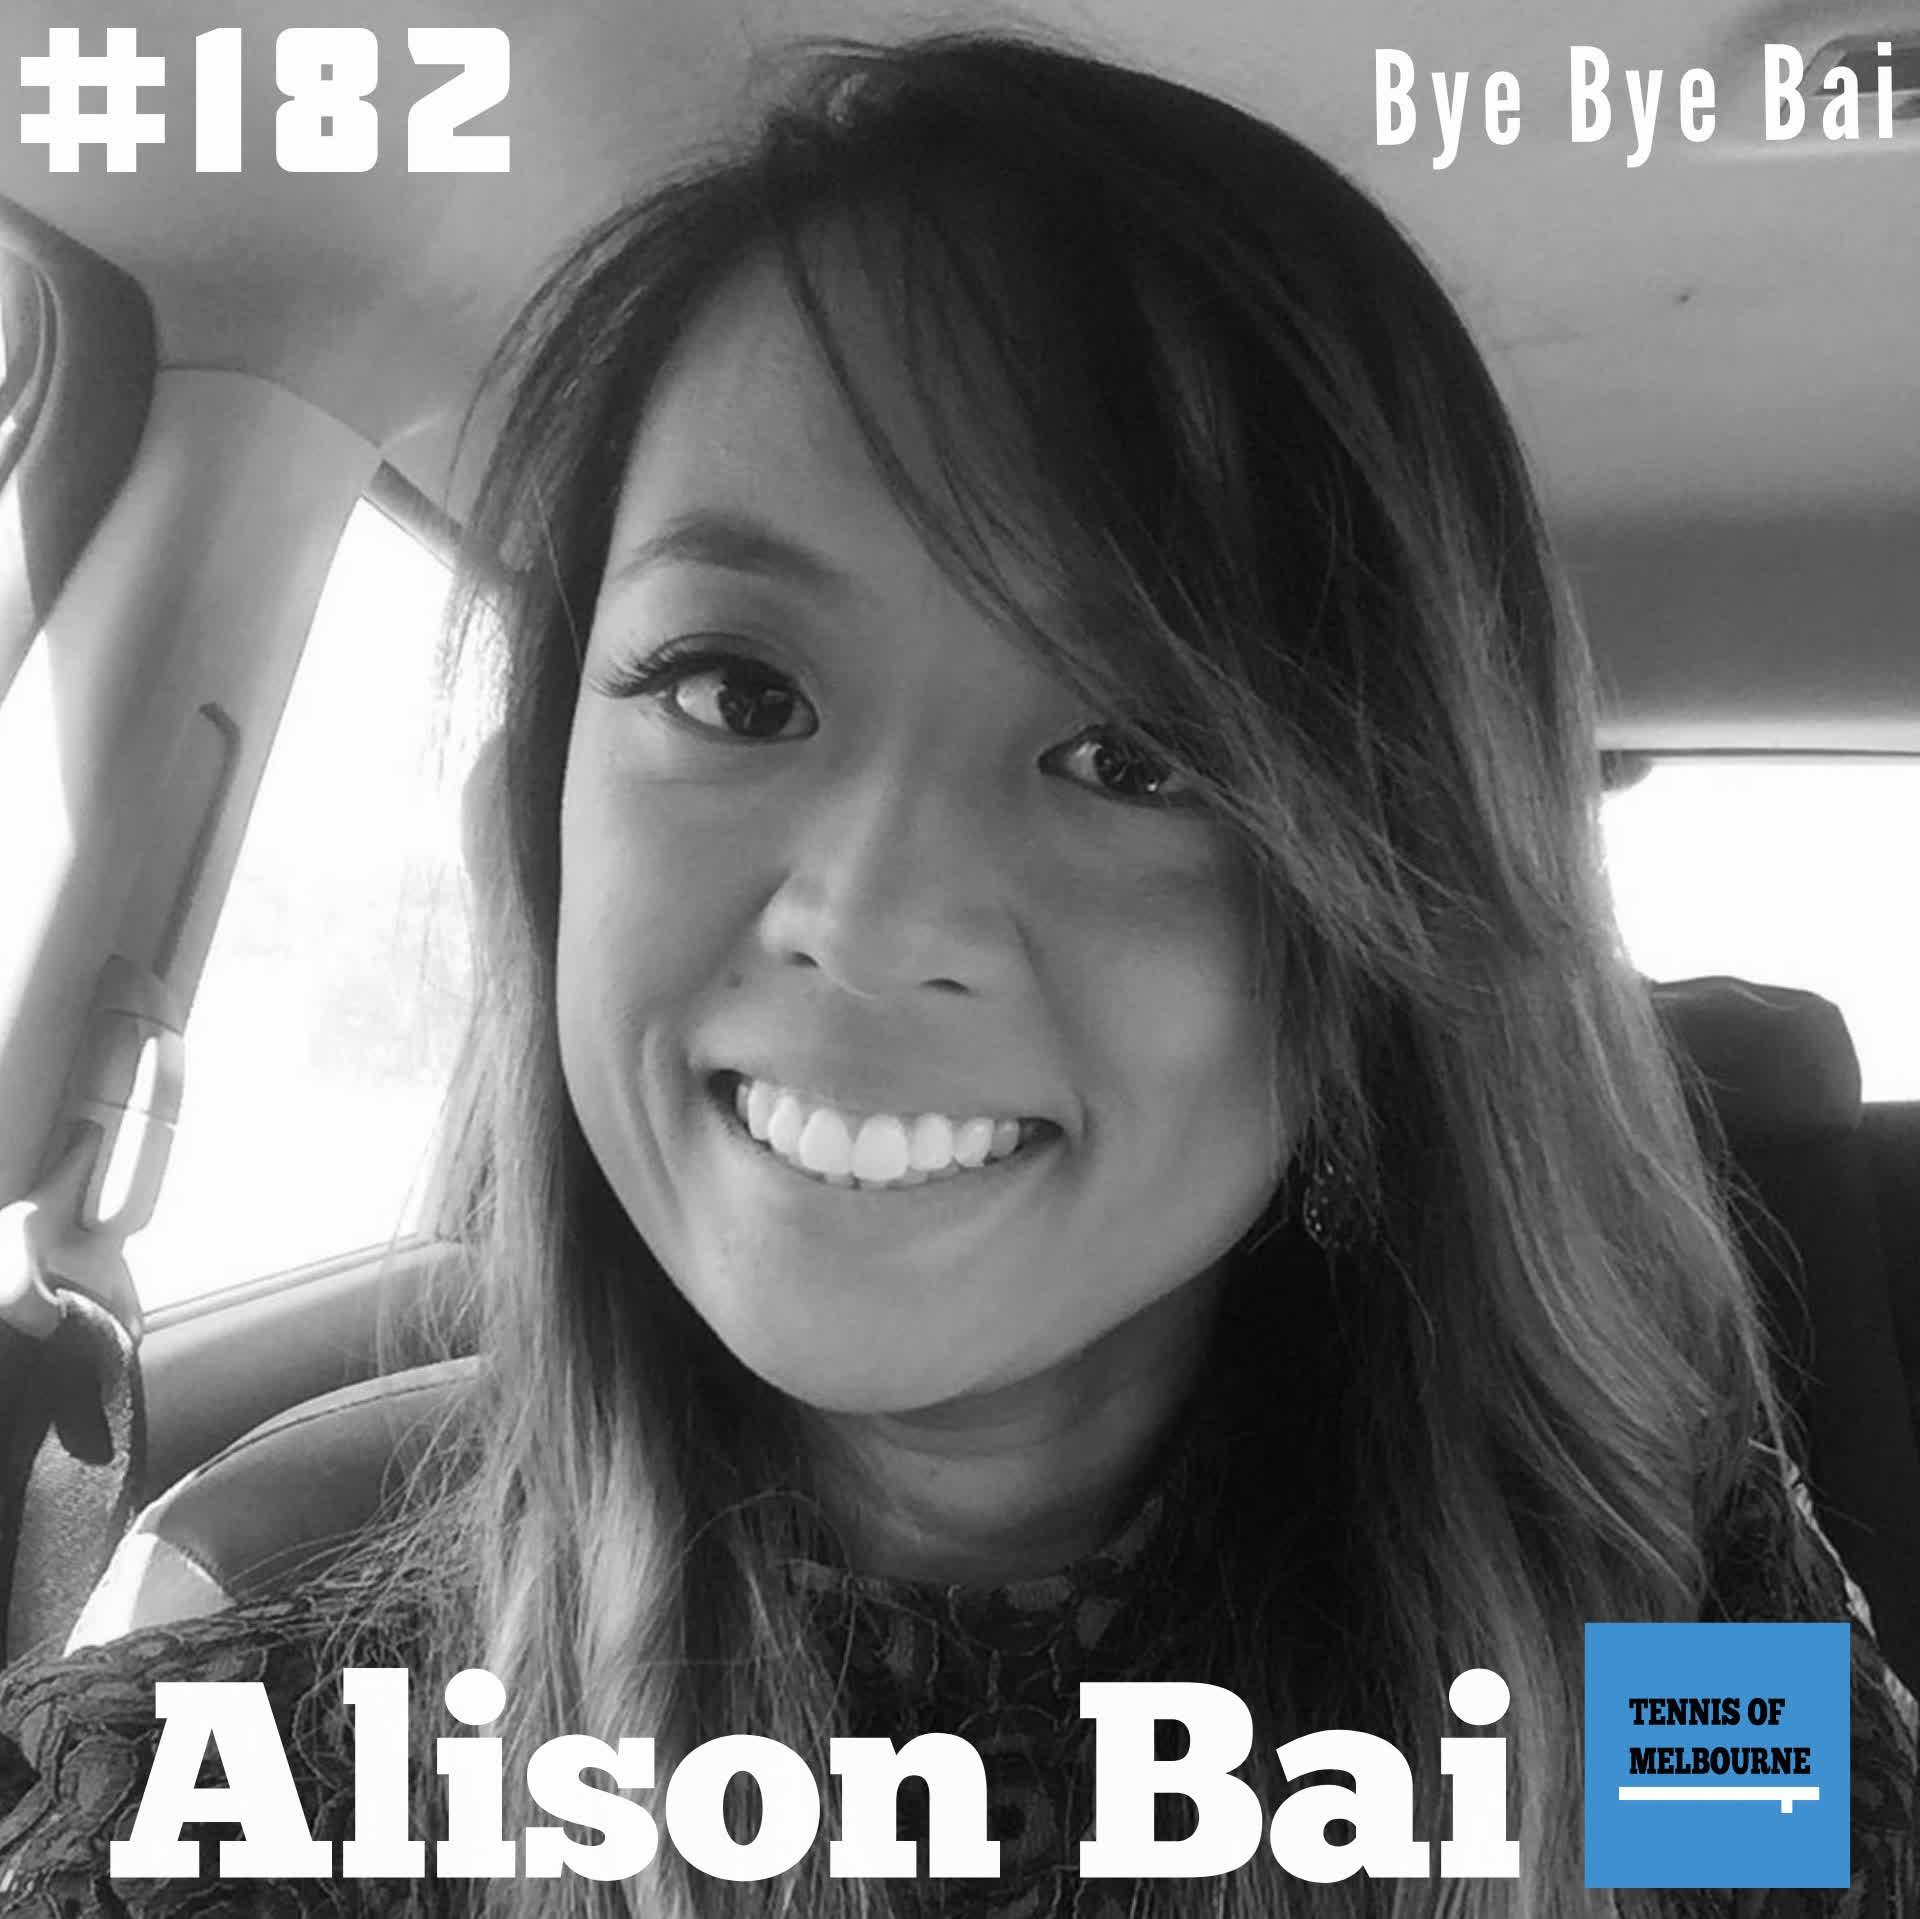 #182 Alison Bai | Bye Bye Bai